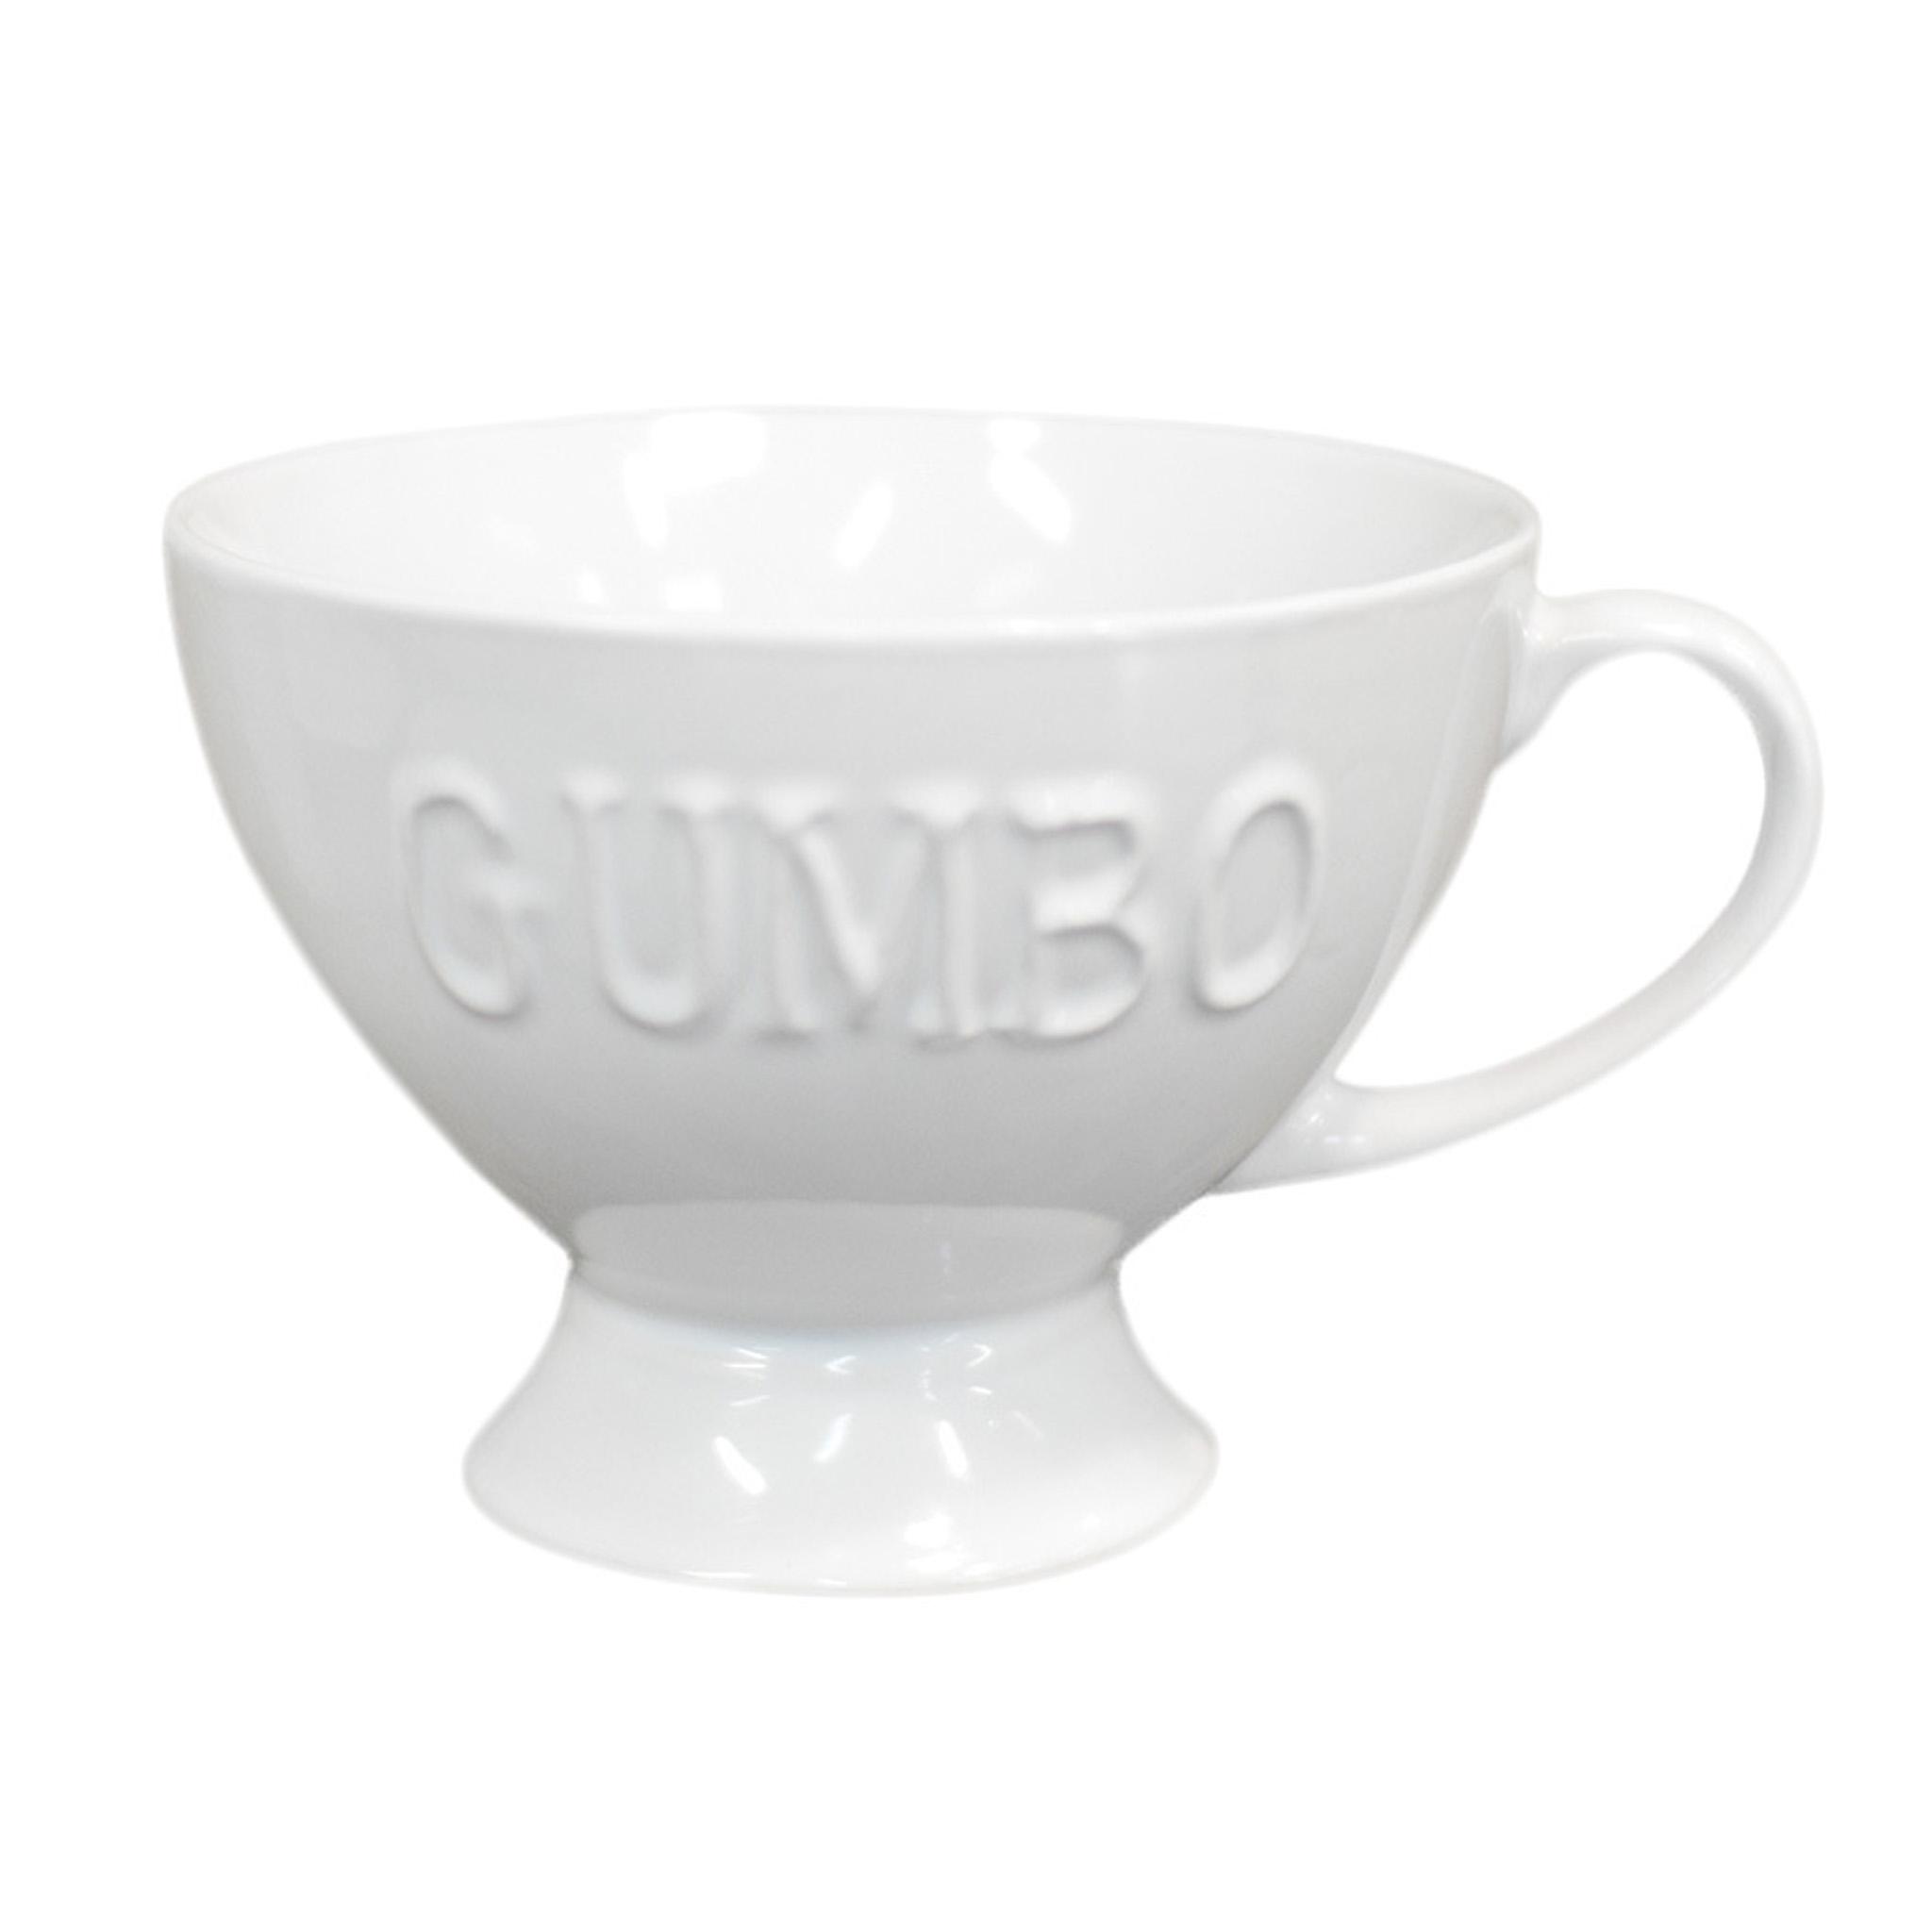 gumbo bowl.jpg